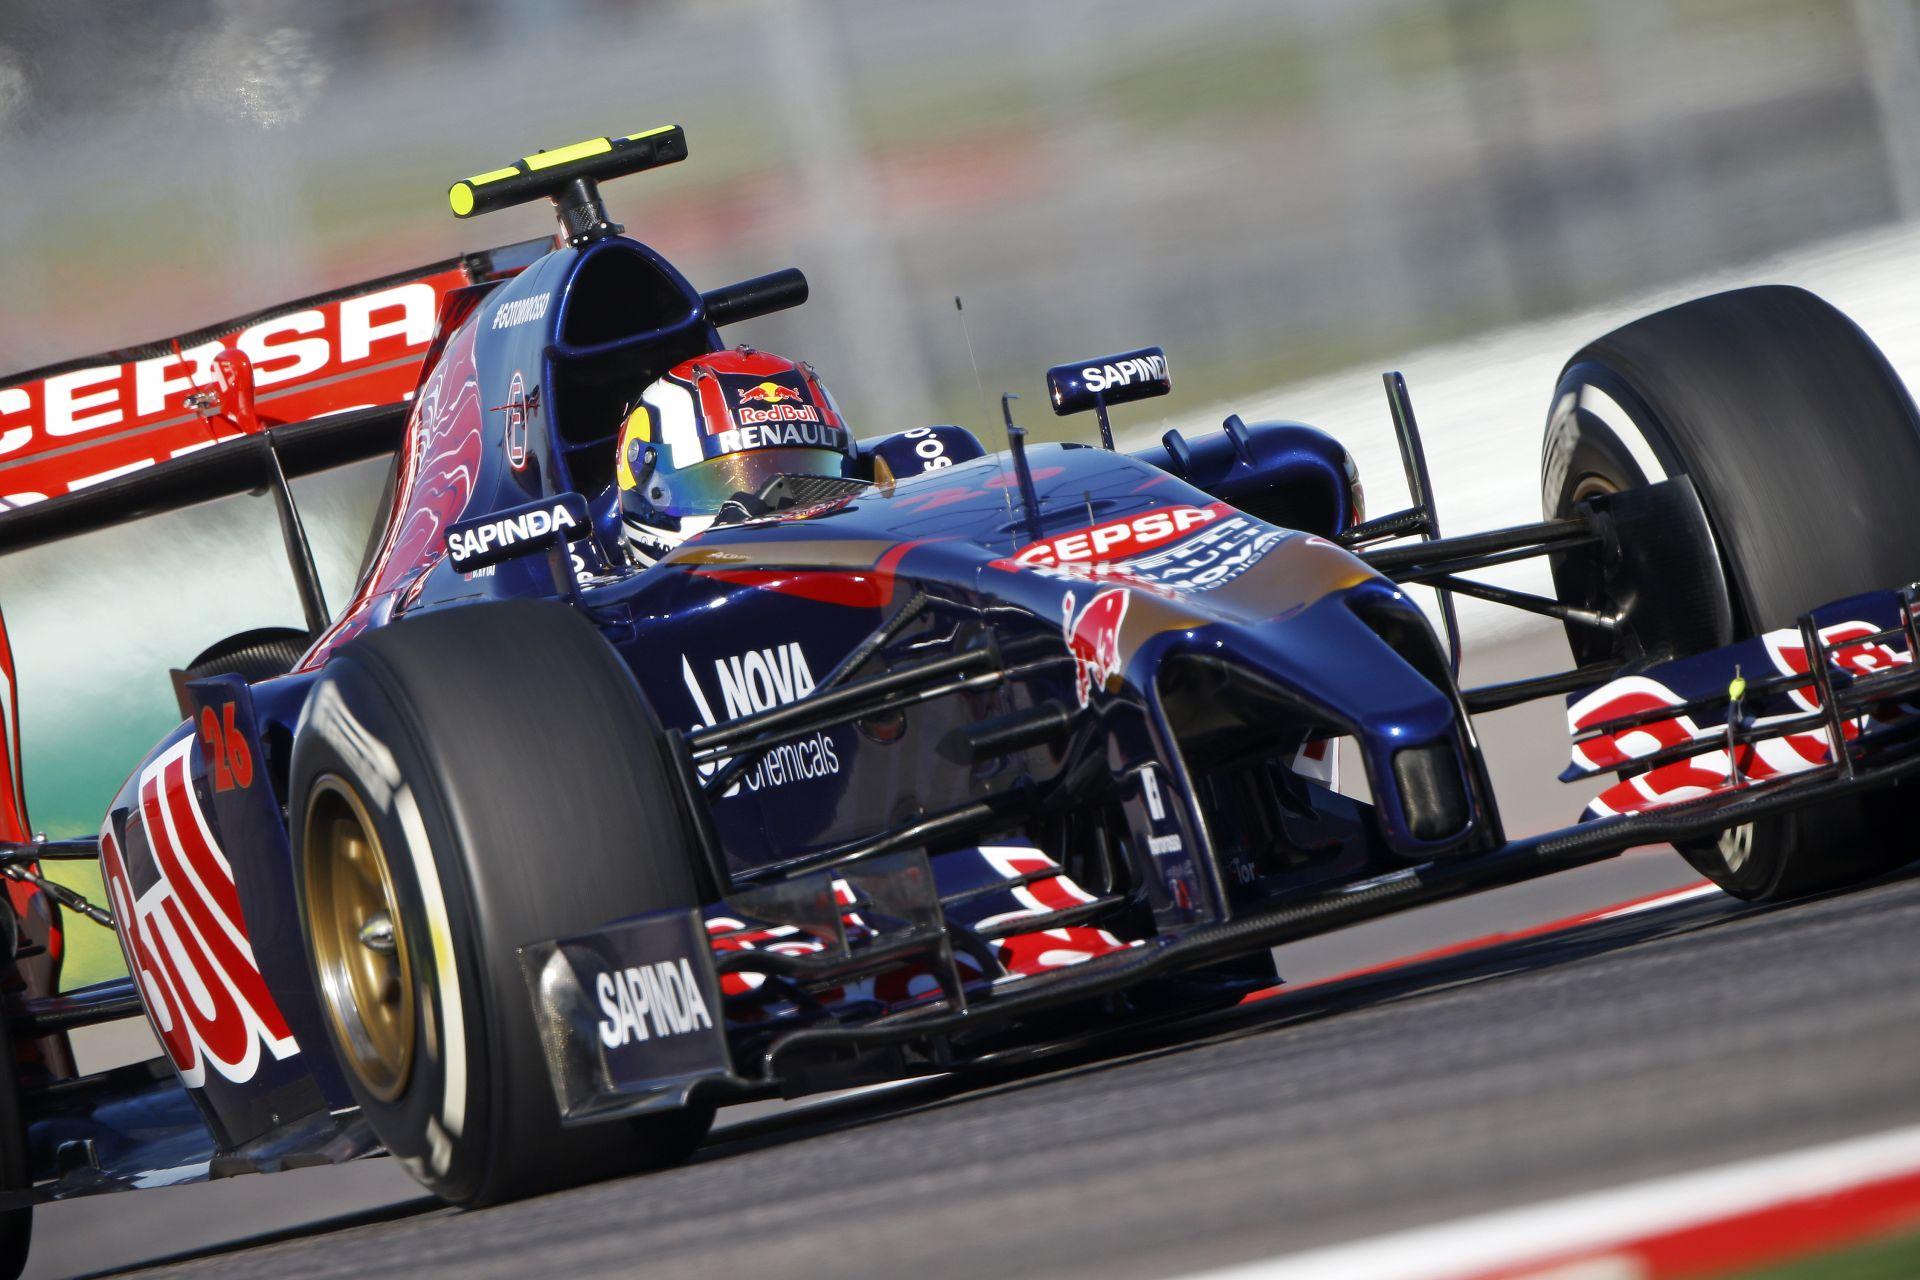 Röviden: 10 helyes rajtbüntetés kap Daniil Kvyat, a Toro Rosso versenyzője